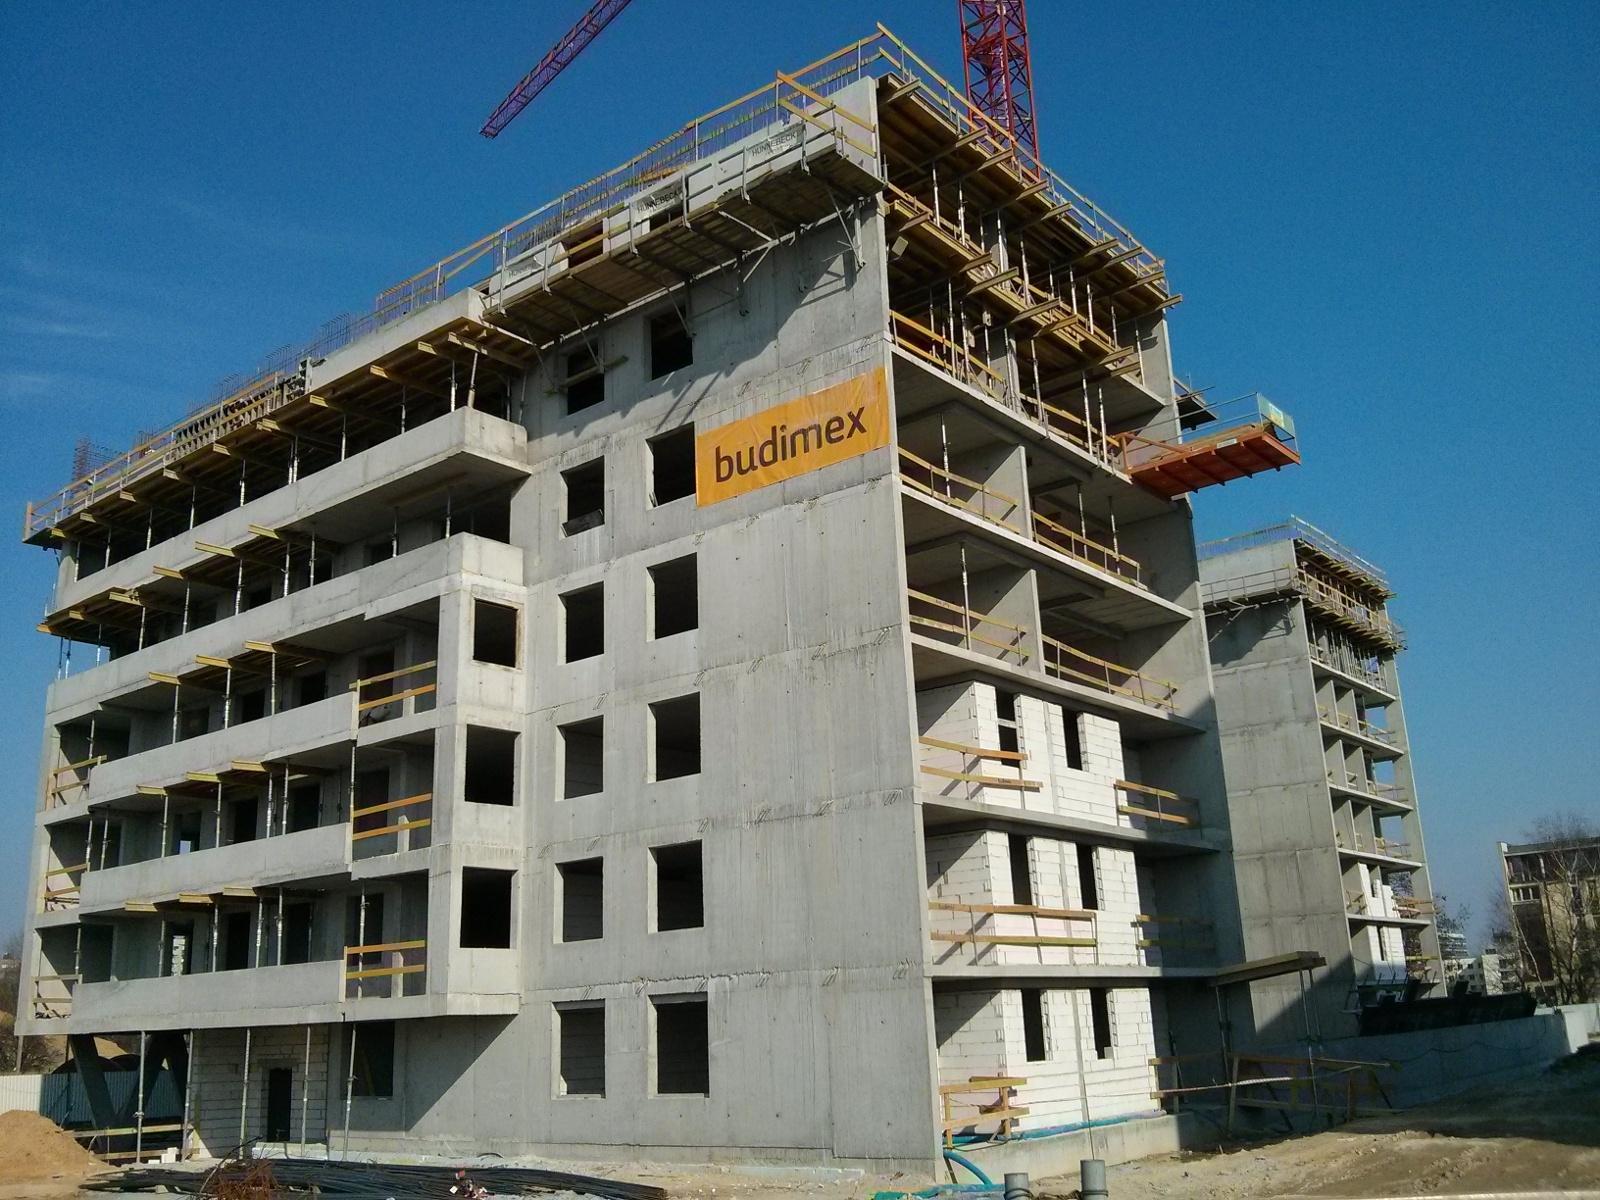 Budimex stawia osiedle Avia w Krakowie